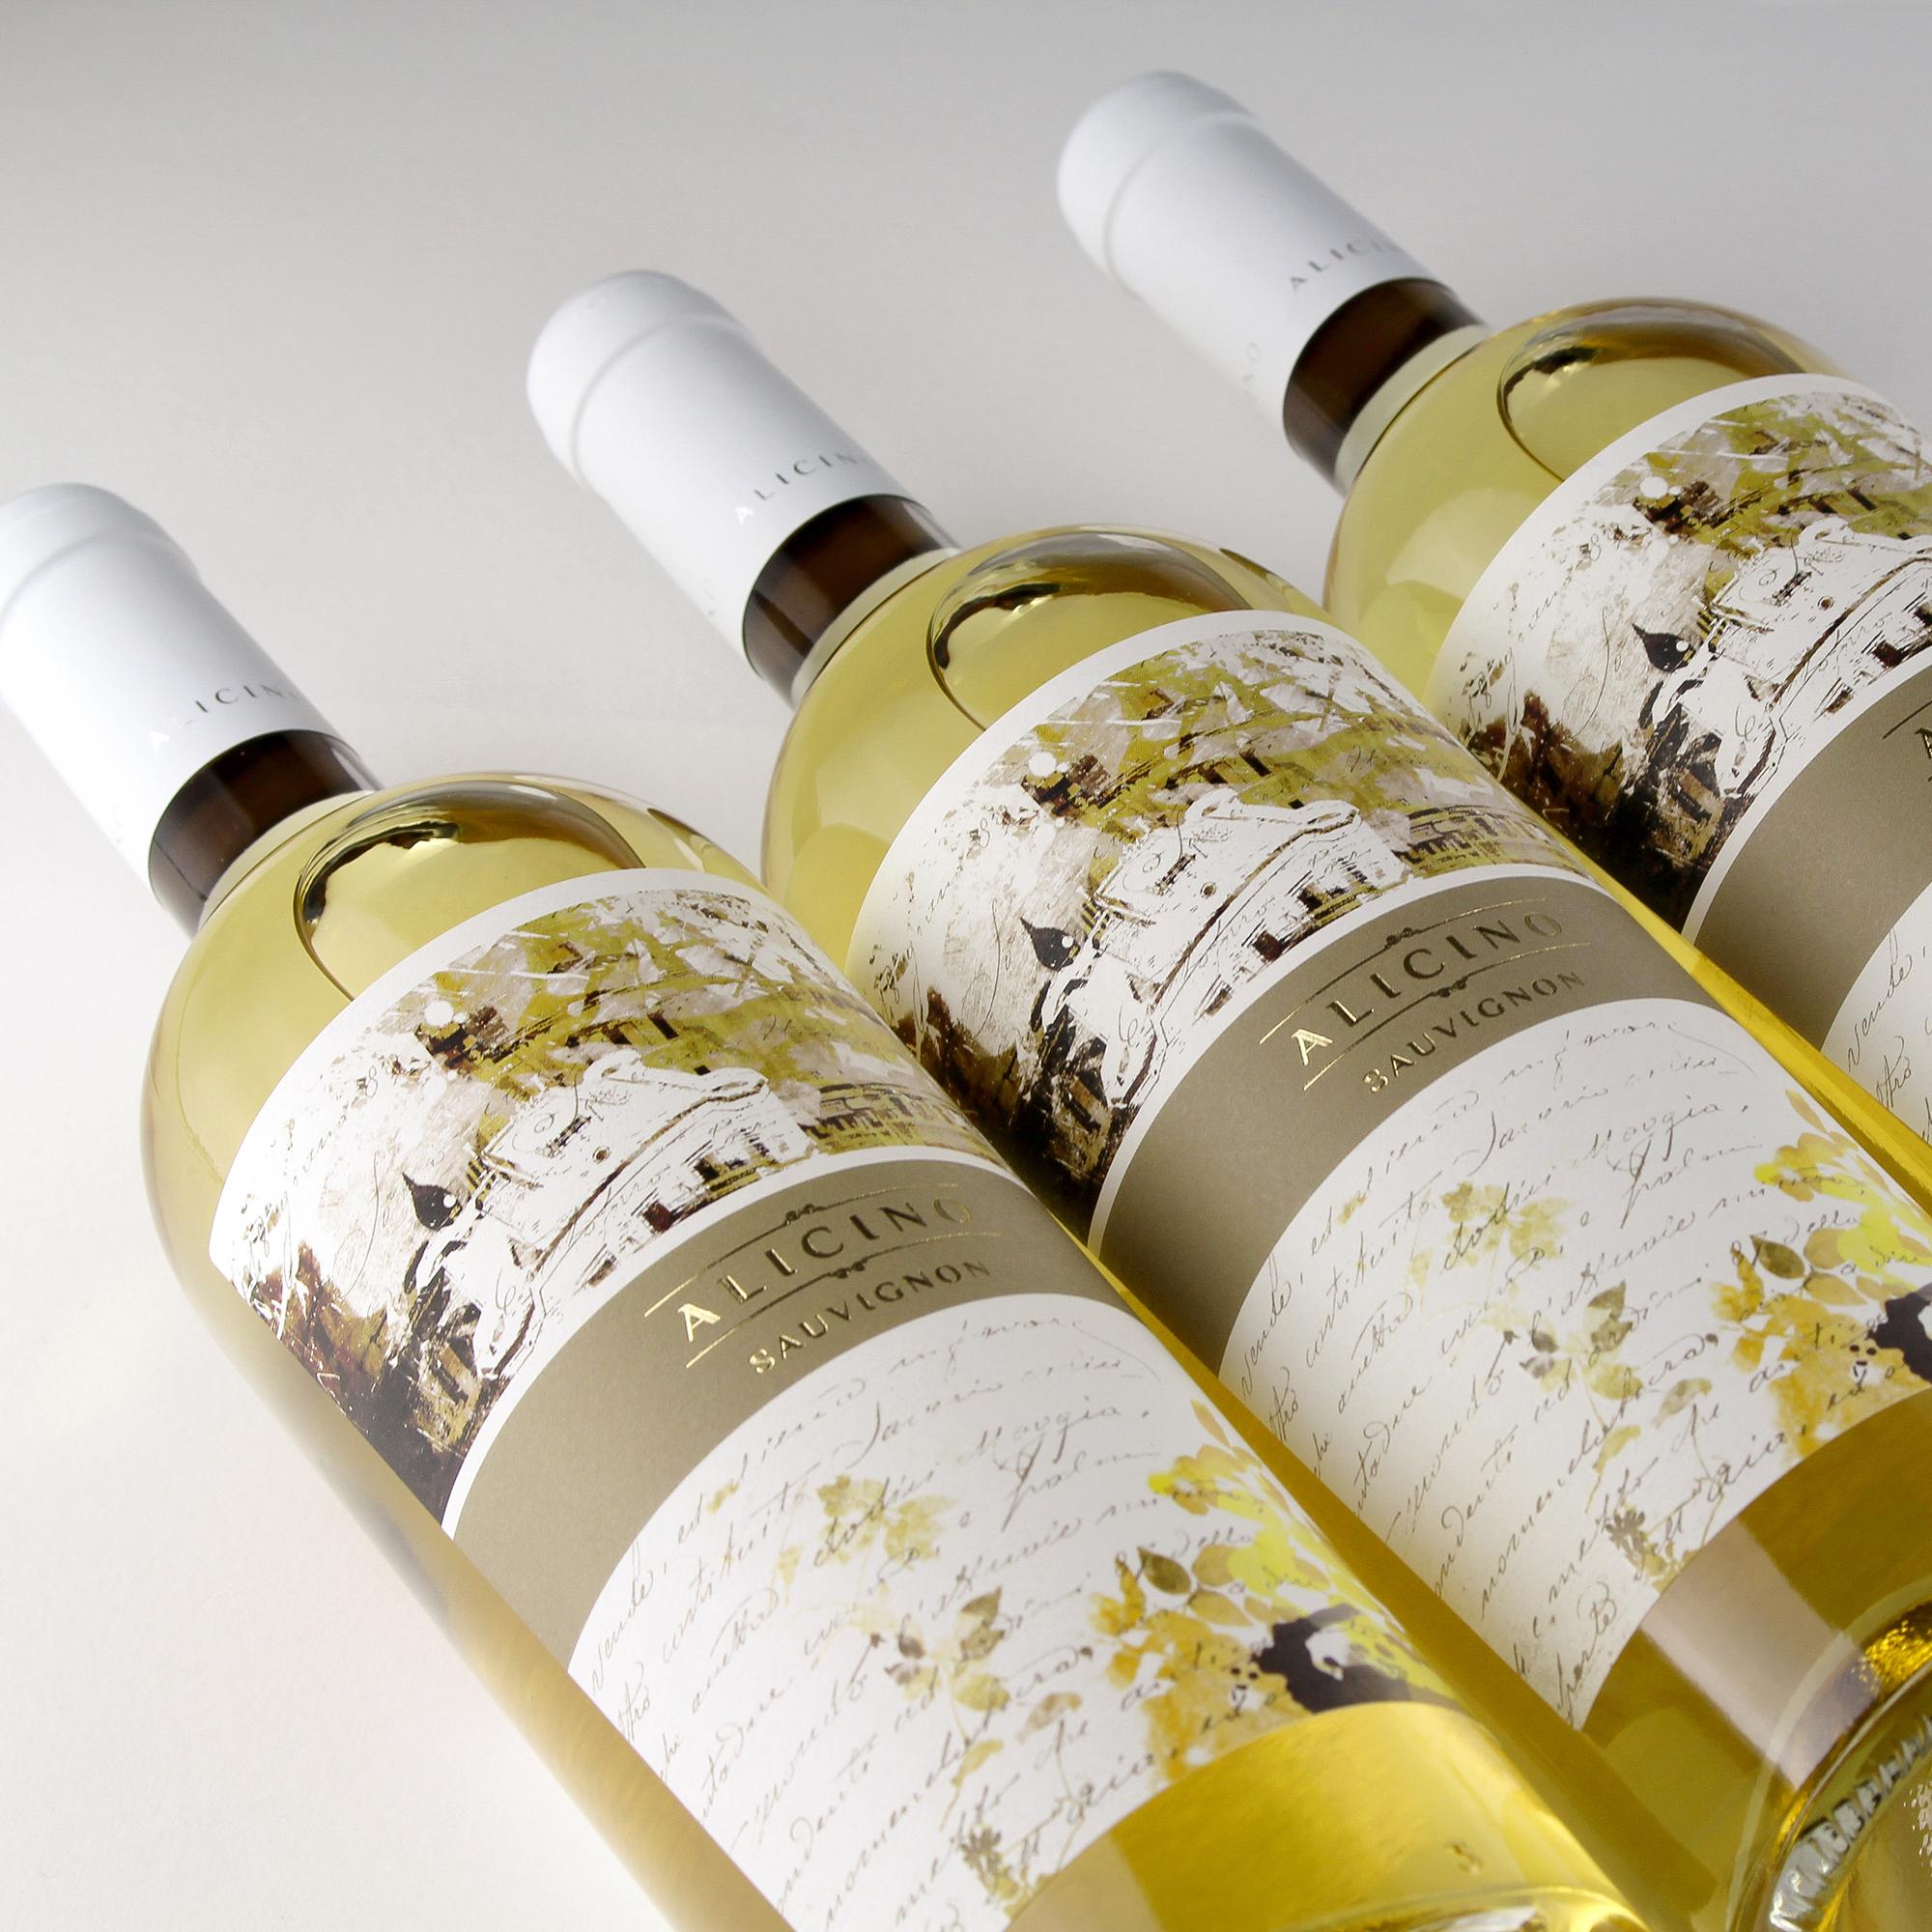 Vino Alicino Sauvignon disegno etichetta vino armoder